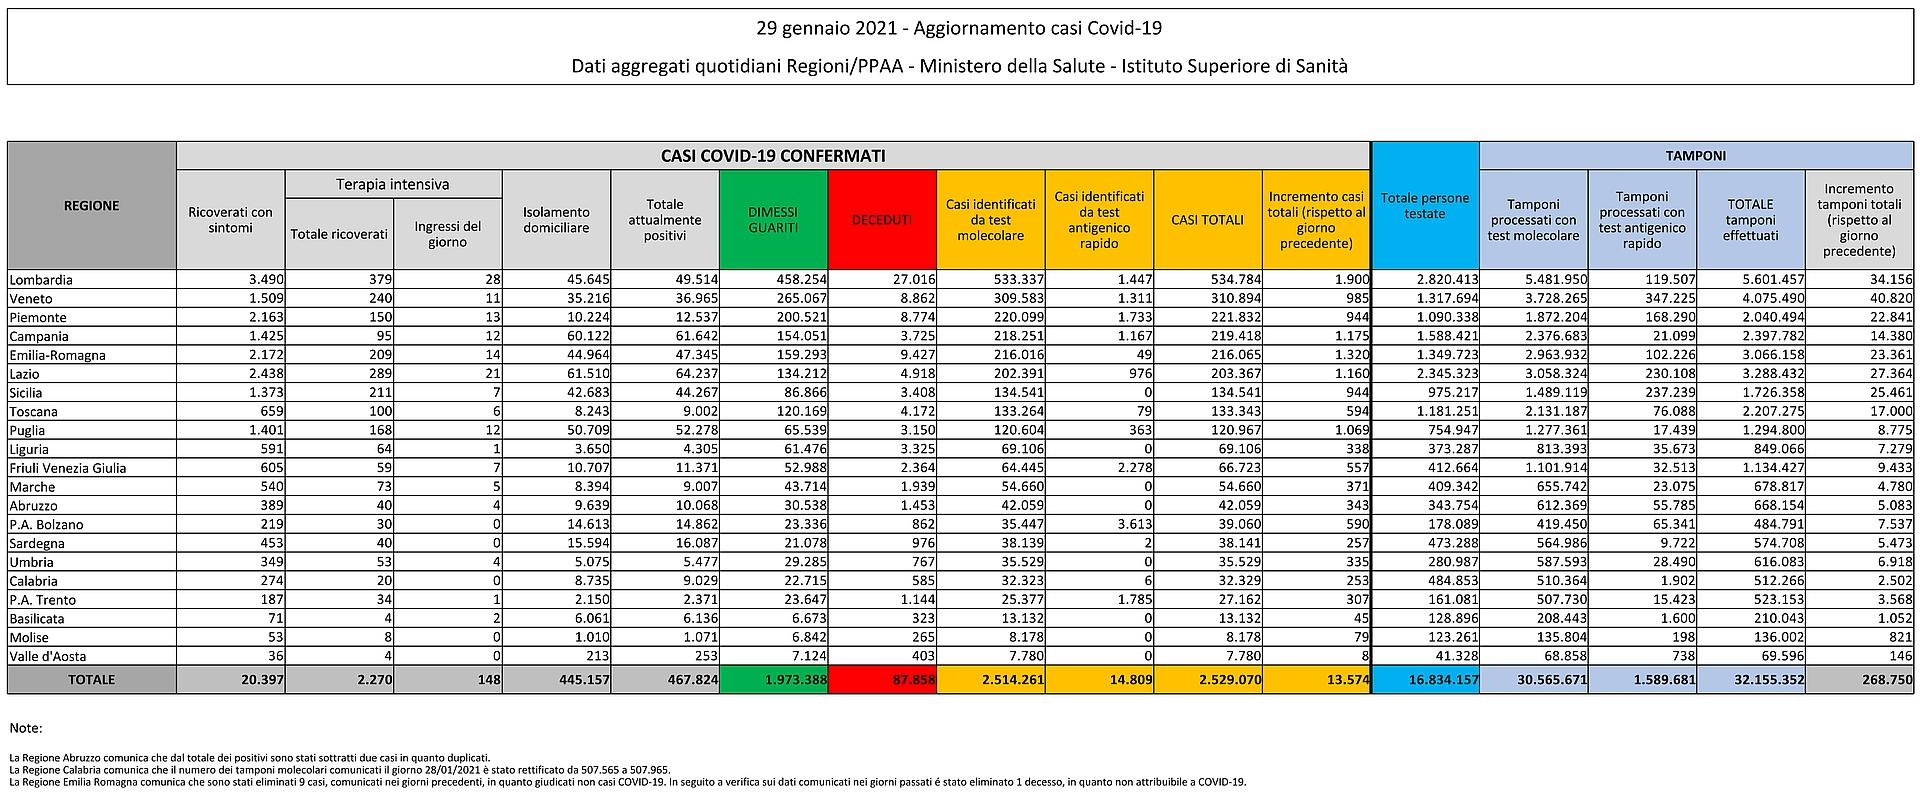 29 gennaio 2021 - Aggiornamento casi Covid-19 Dati aggregati quotidiani Regioni/PPAA - Ministero della Salute - Istituto Superiore di Sanità